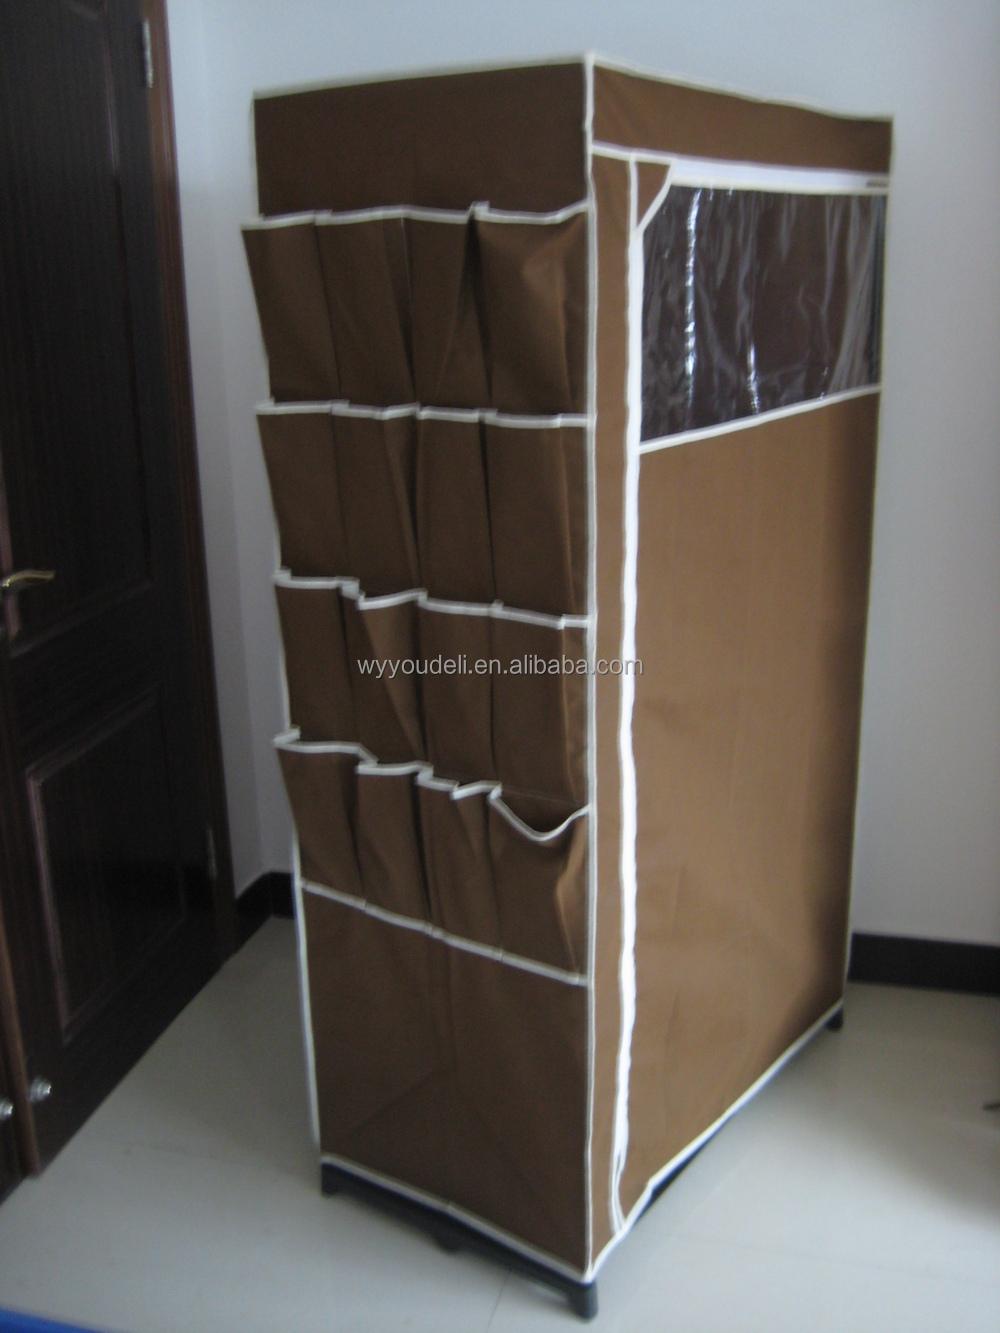 Disear armarios empotrados beautiful armario empotrado - Disenar armarios empotrados ...